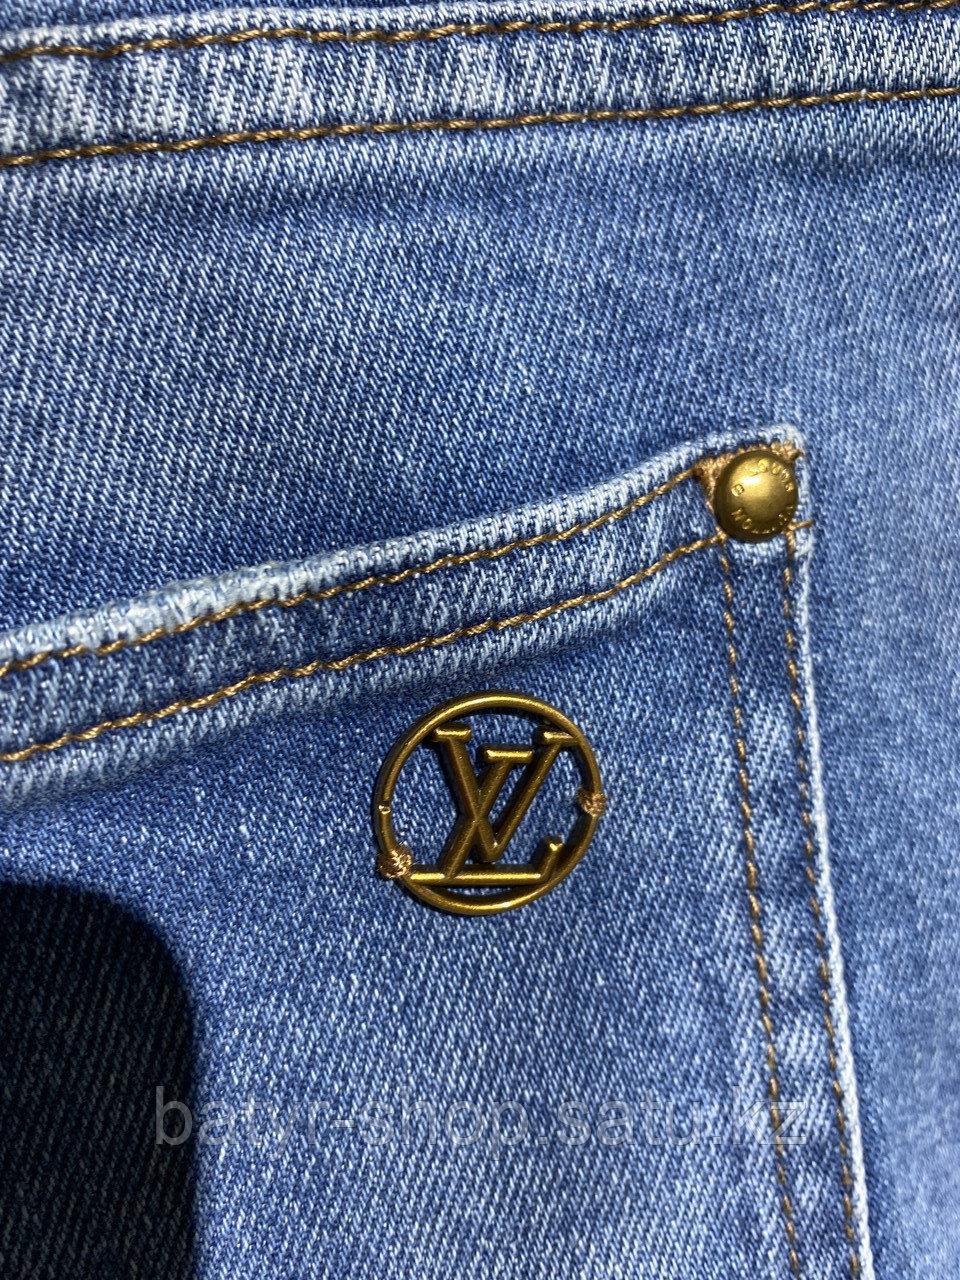 Джинсы Louis Vuitton (0064) - фото 6